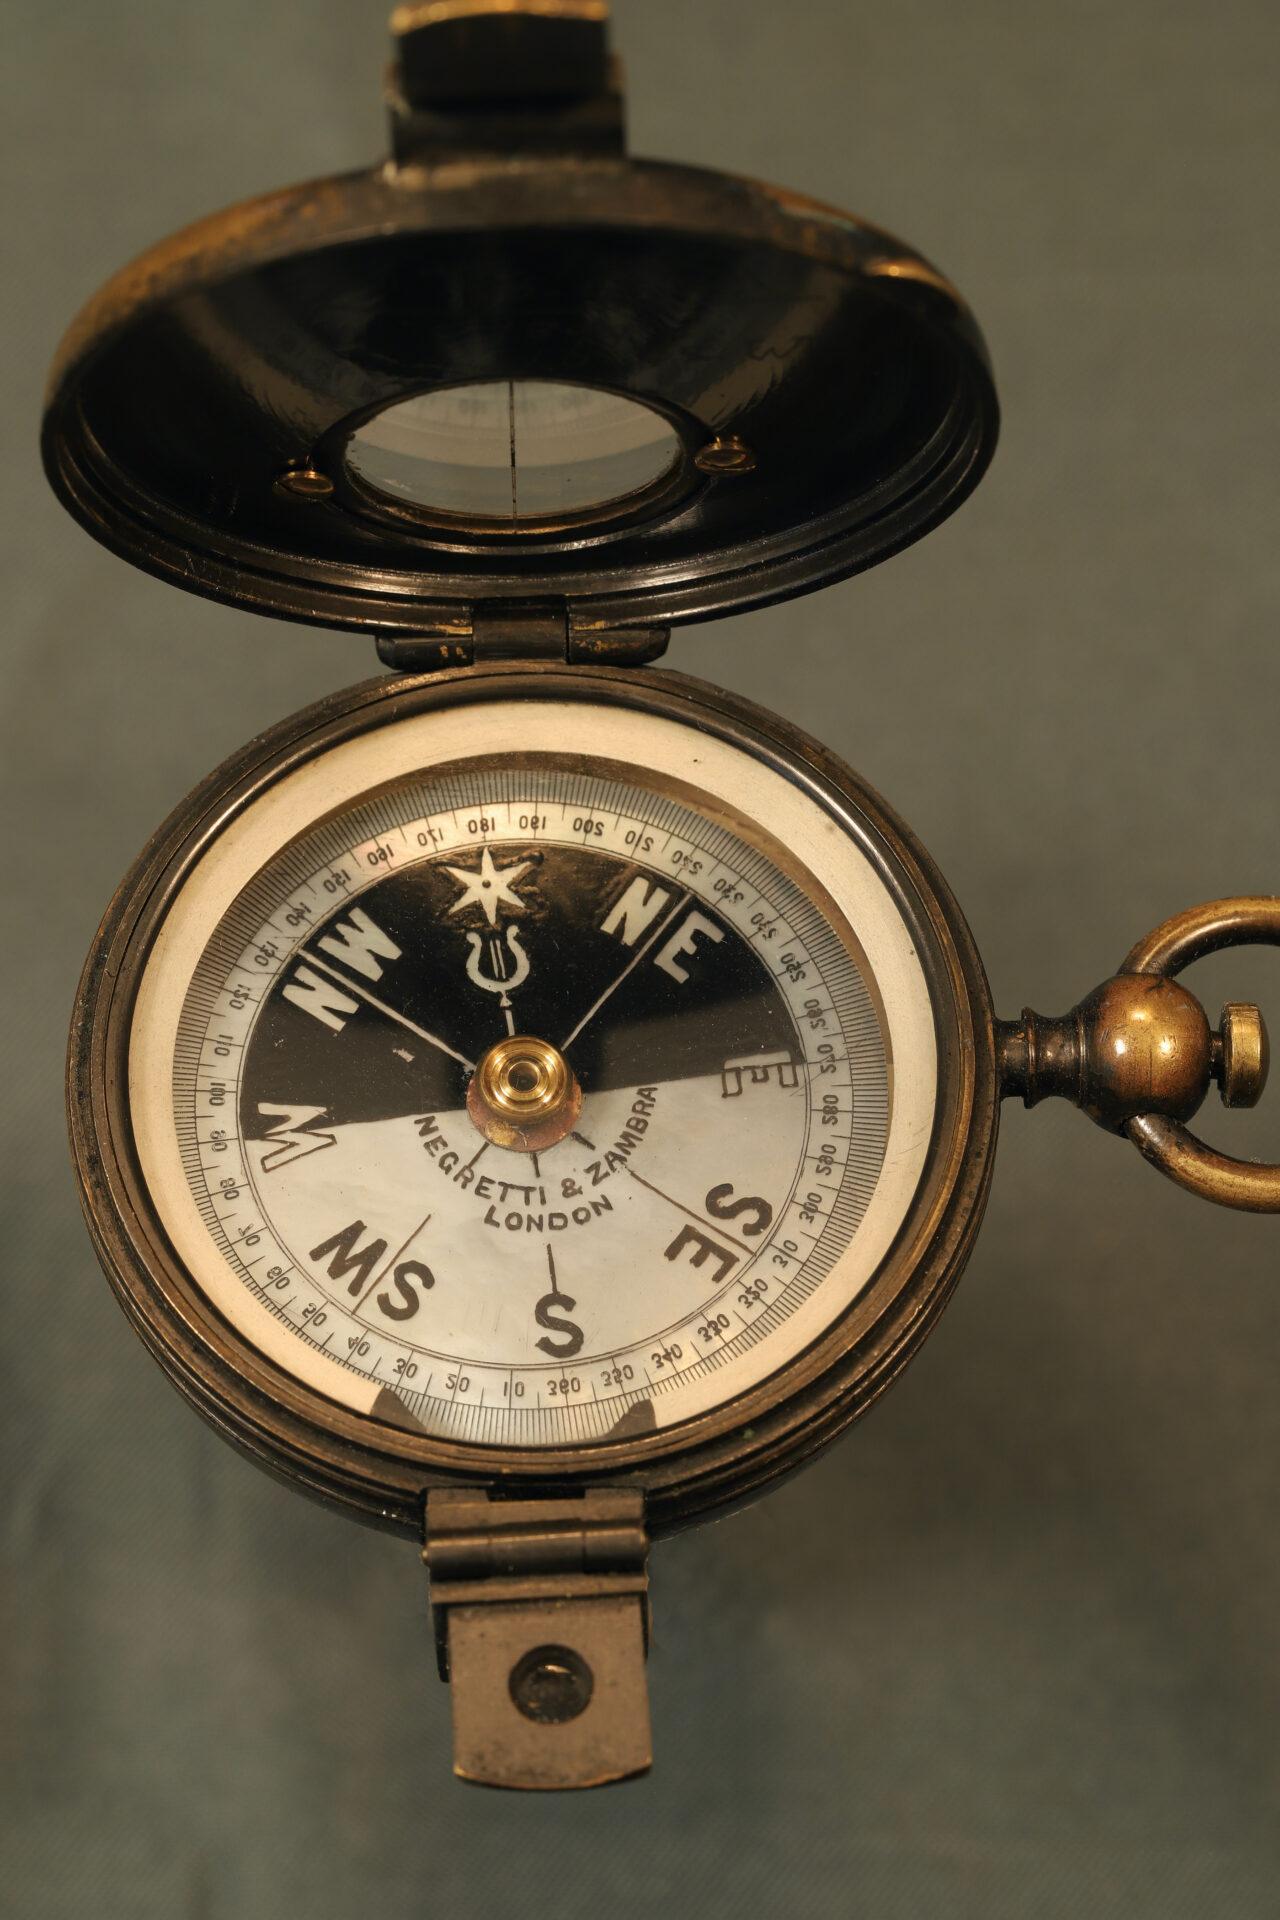 Image of open Negretti & Zambra Prismatic Compass c1895